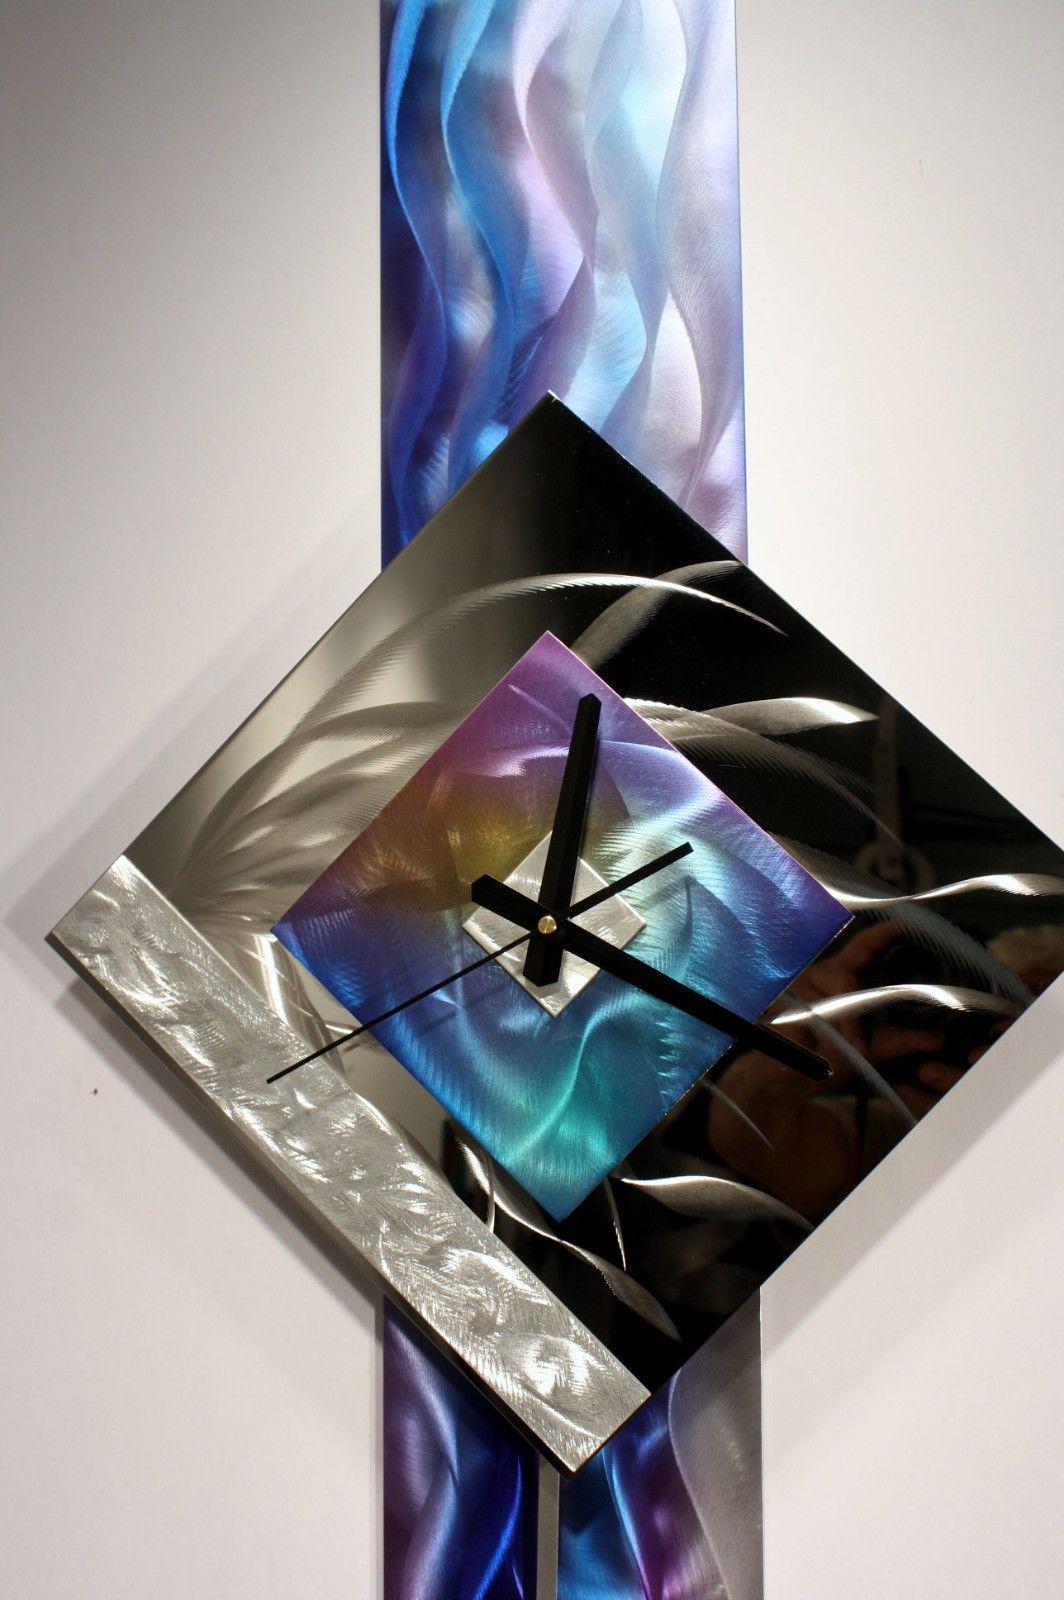 modern-metal-wall-art-pendulum-clock-abstract-sculpture-decor-abstract-painting-clock-on-metal-original-art-design-by-alex-kovacs-ak445-2.gif (1064×1600)